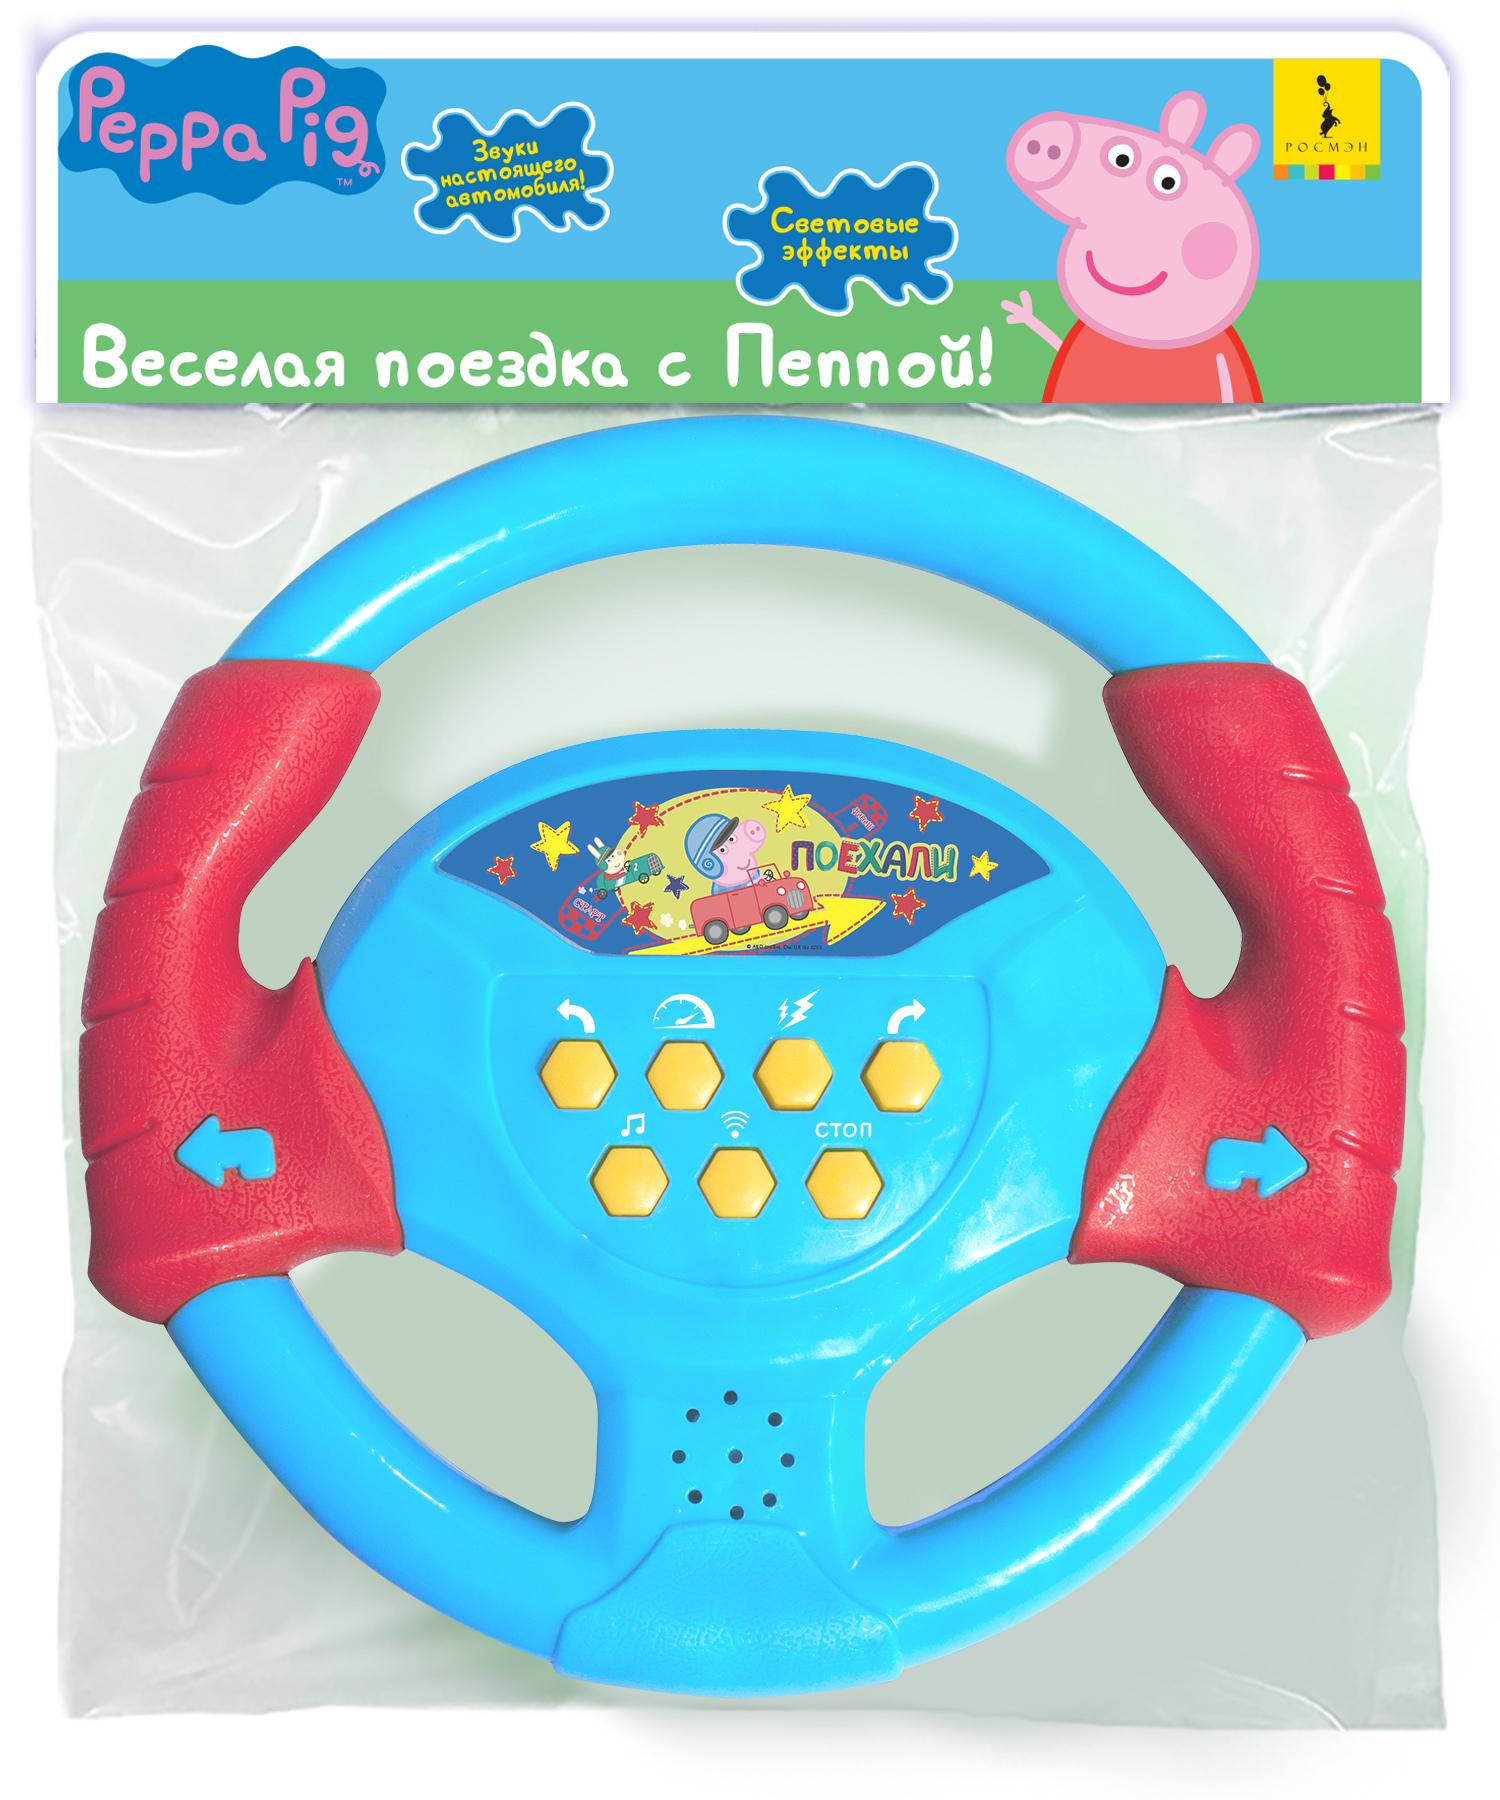 все цены на Развивающая игрушка Peppa Pig «Интерактивный руль», 1шт. онлайн